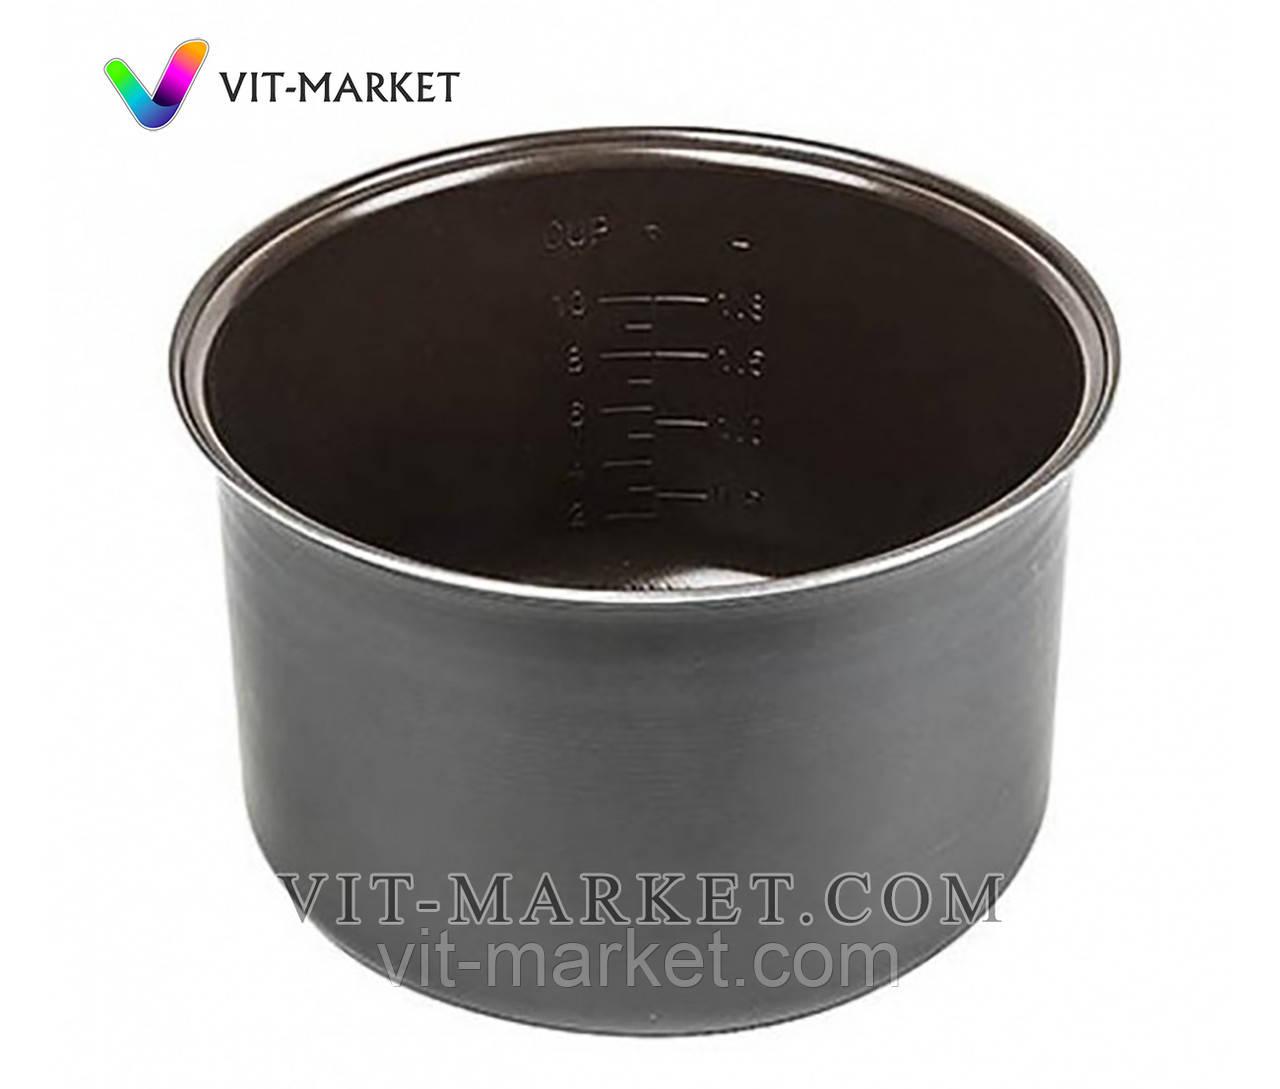 Оригинал. Чаша для мультиварки Moulinex 5L код SS-994455, XA101032